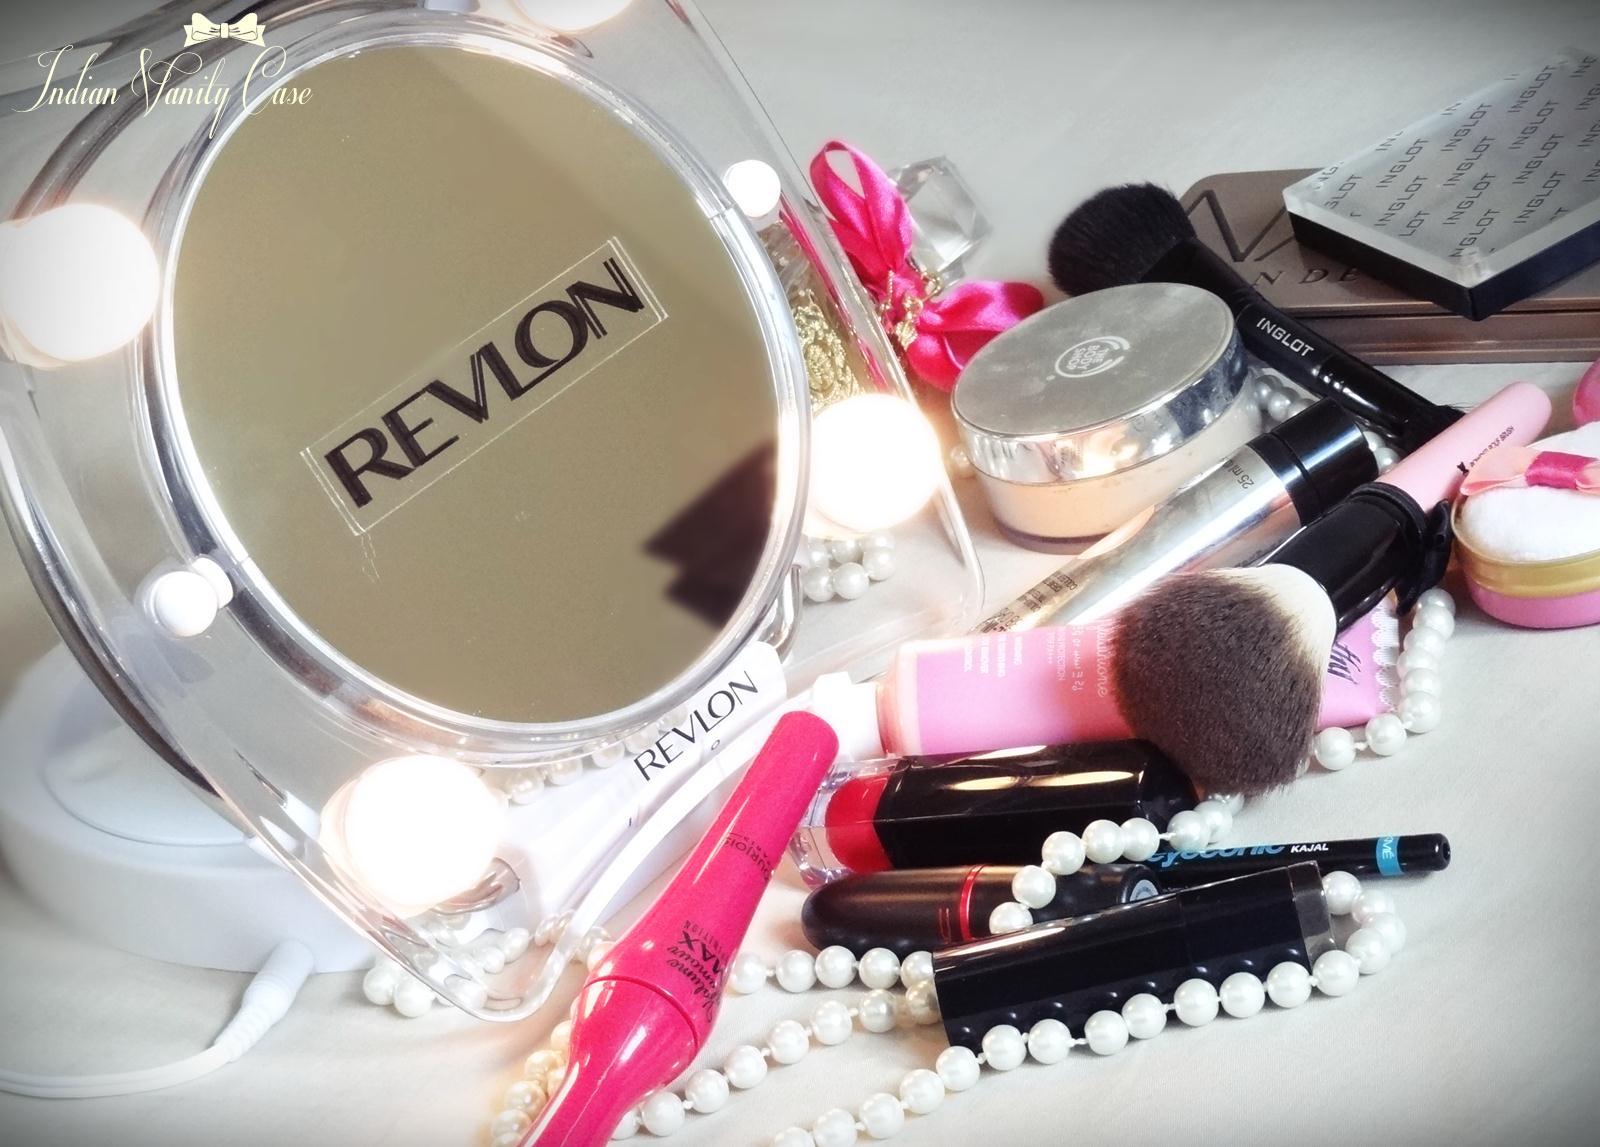 indian vanity case revlon hollywood lighted make up mirror love. Black Bedroom Furniture Sets. Home Design Ideas